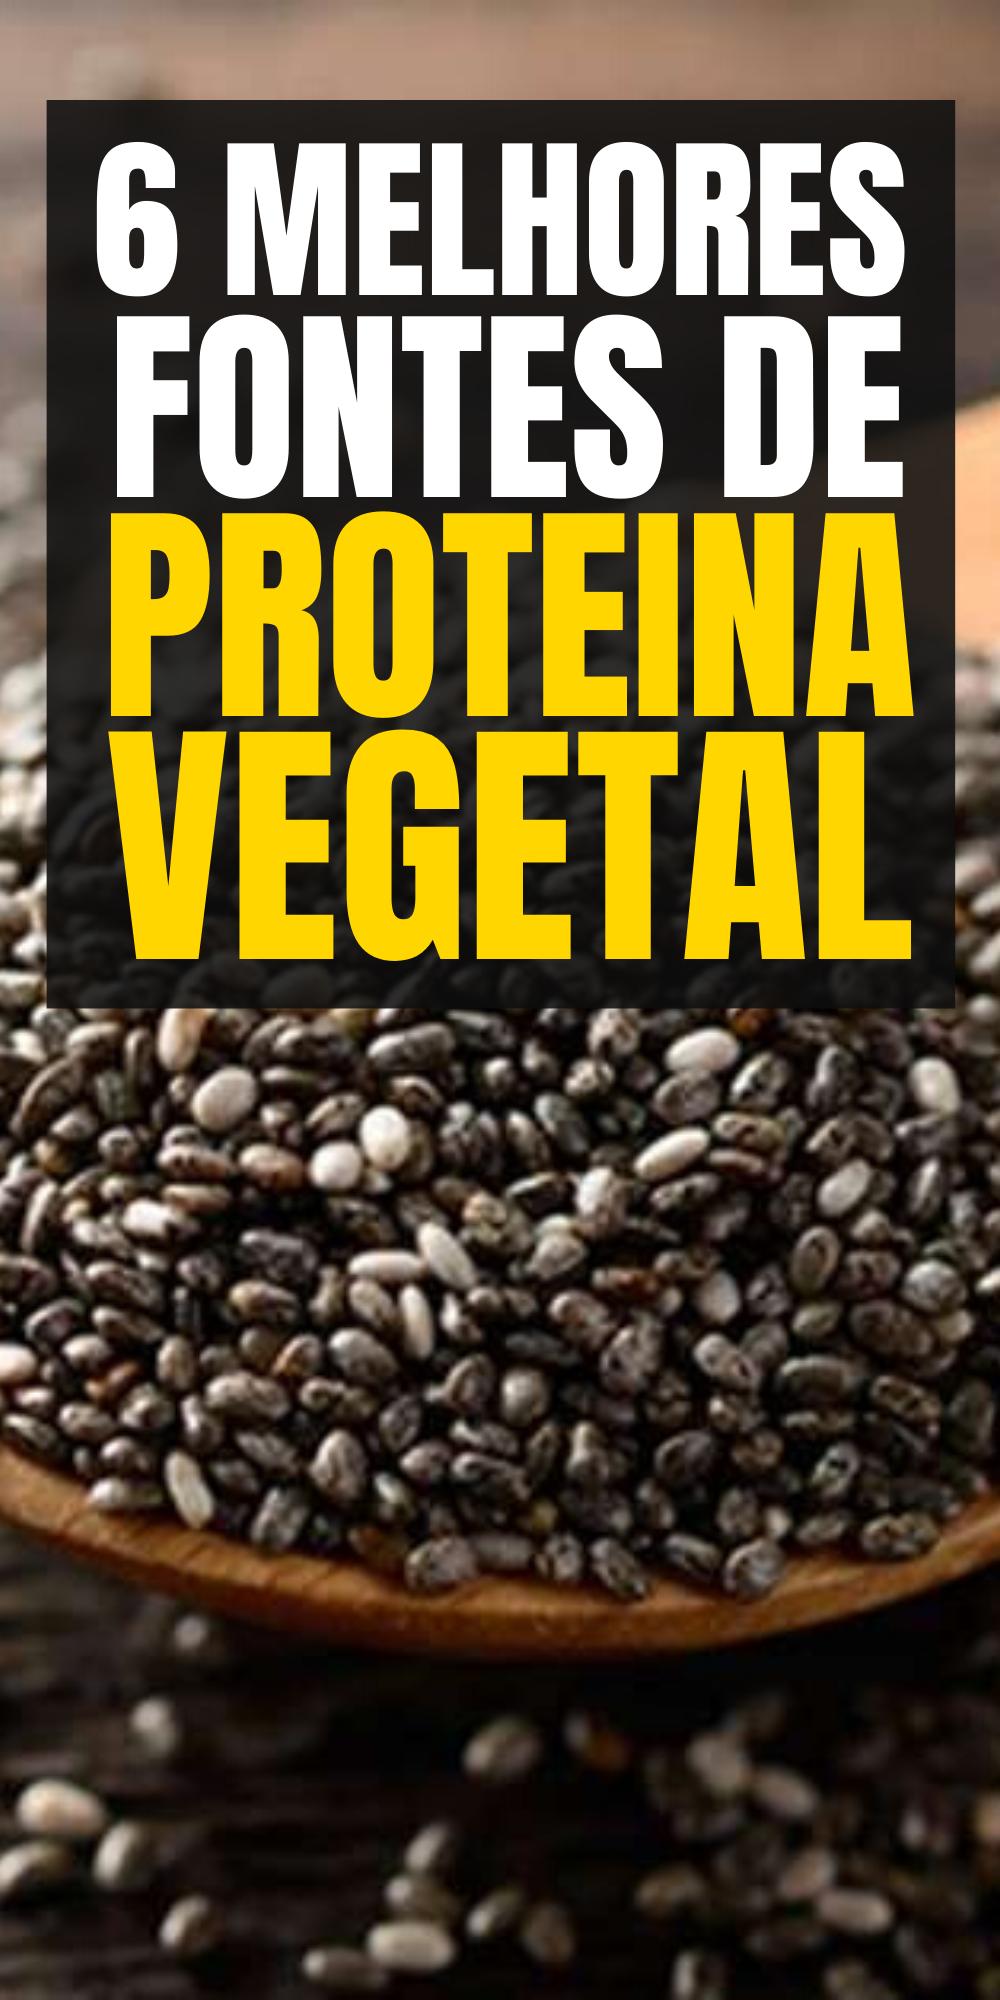 quais alimentos são fontes de proteinas